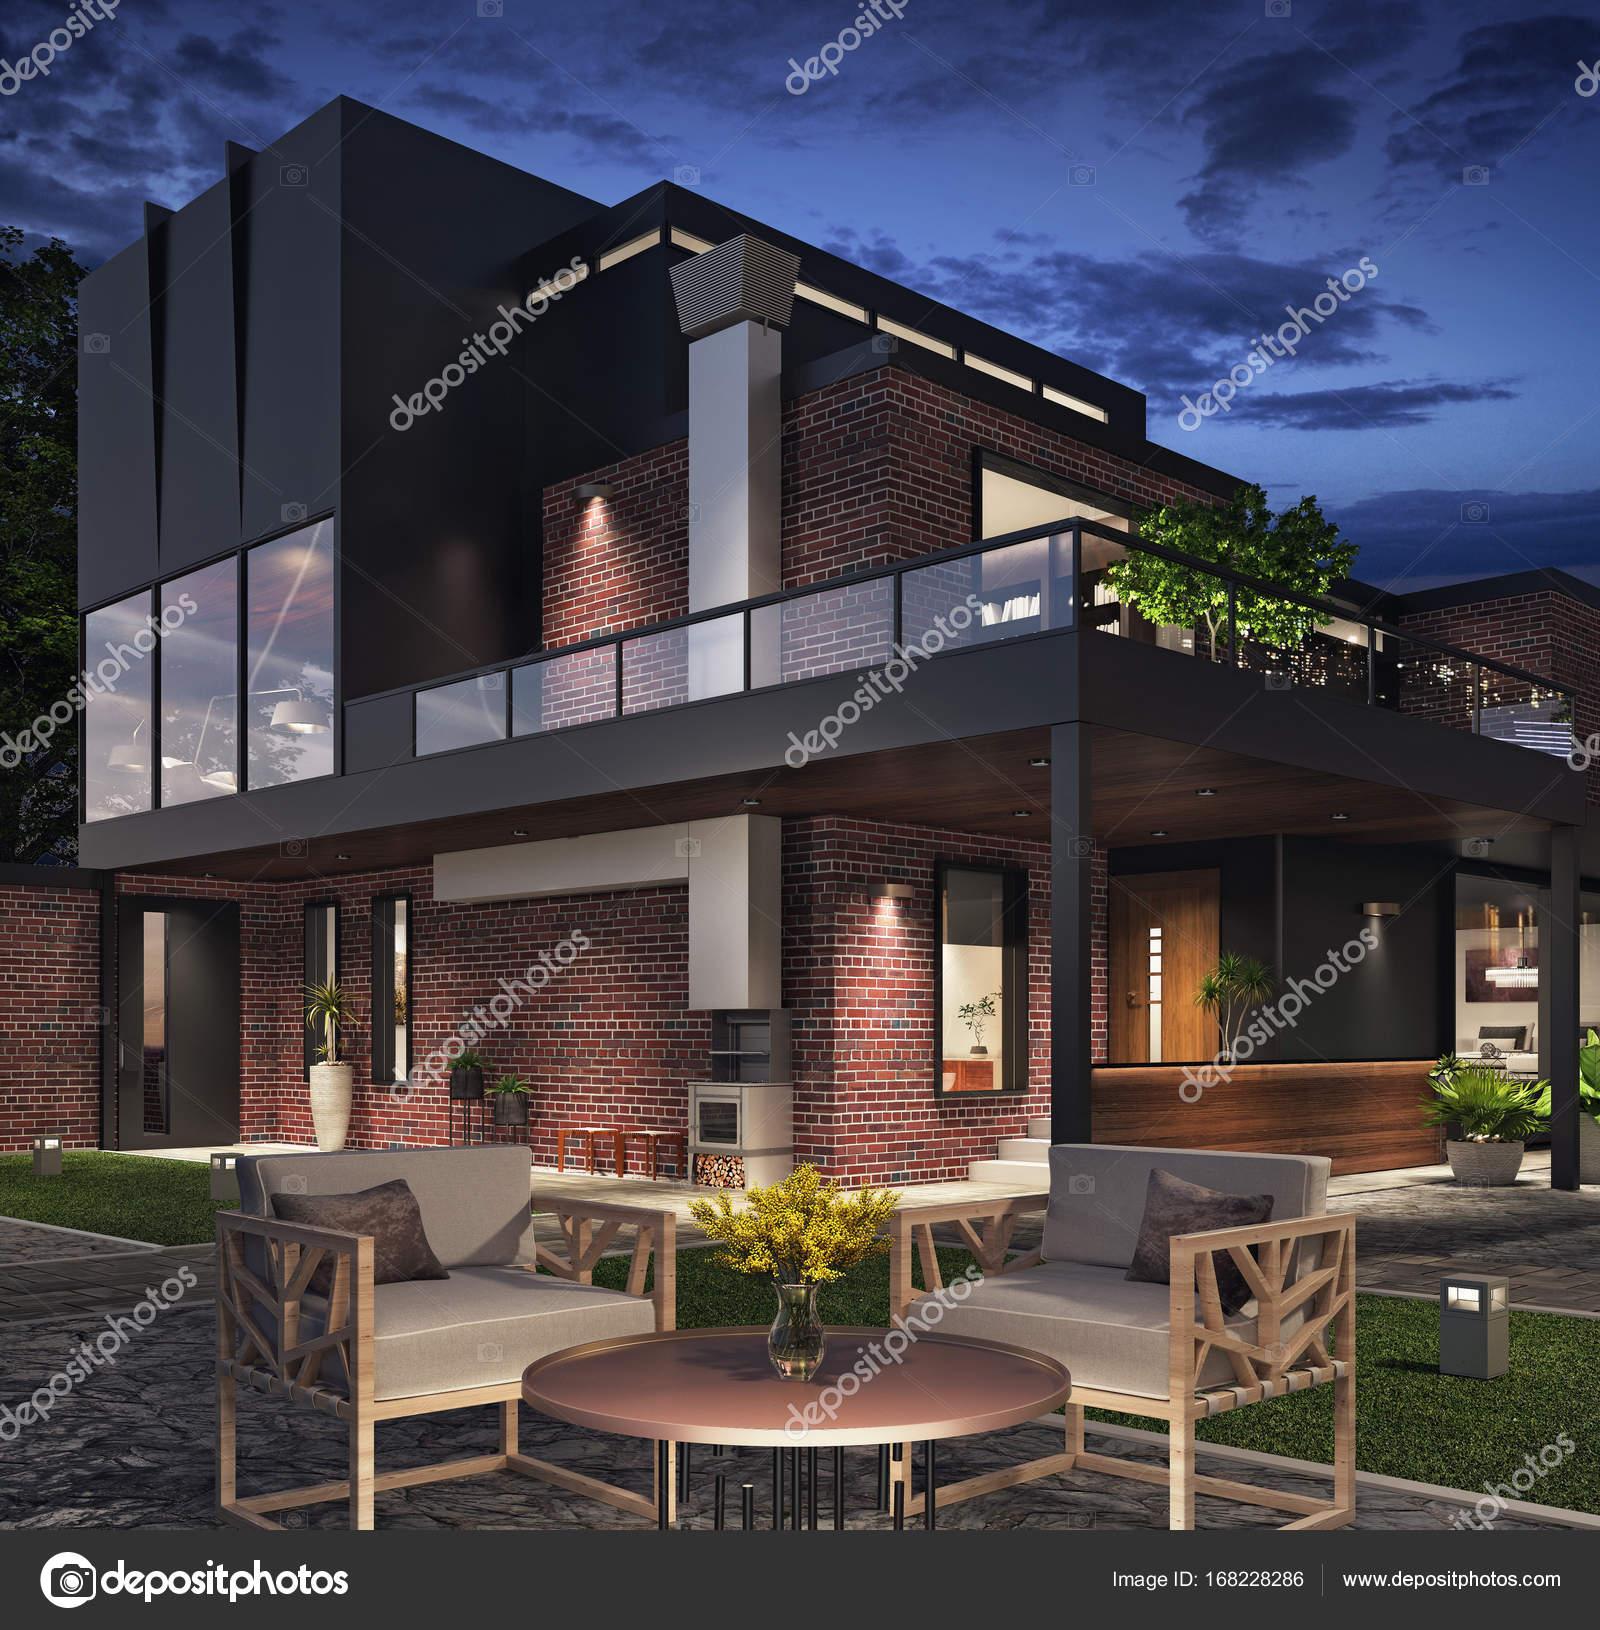 modernes Haus außen — Stockfoto © hd3dsh #168228286